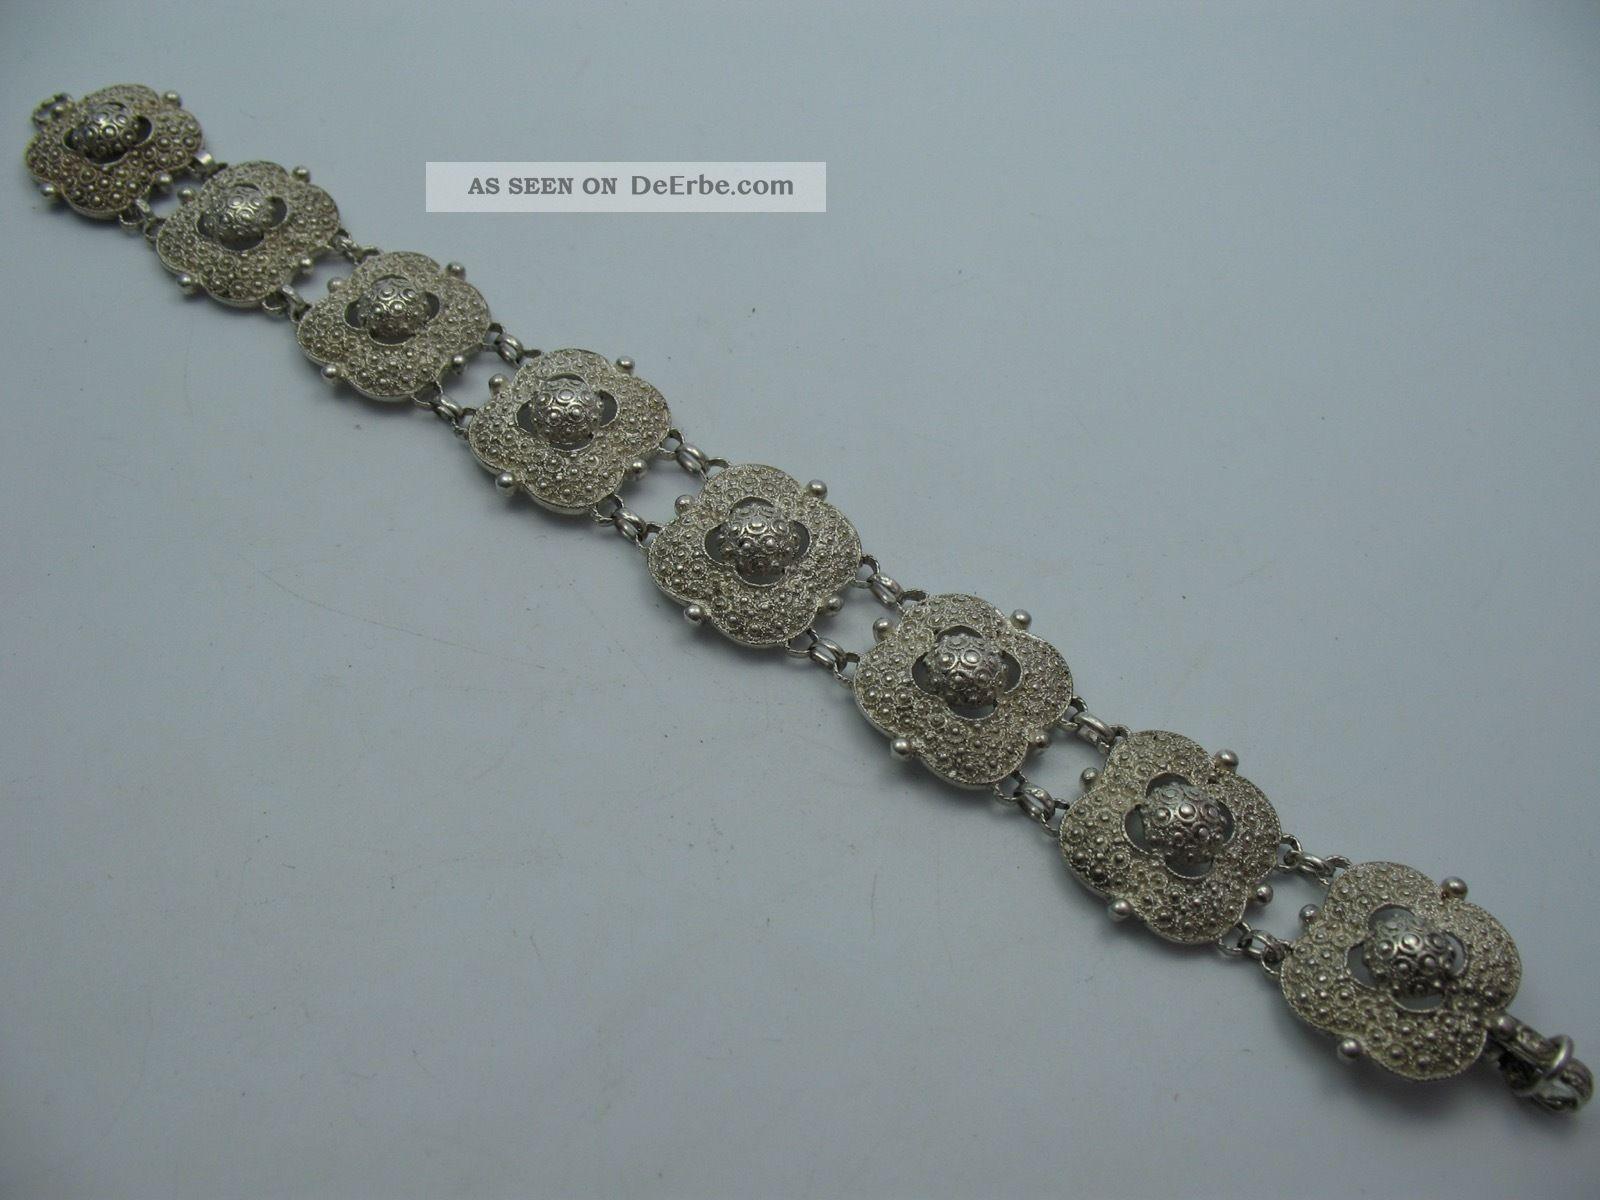 Theodor Fahrner Sehr Schönes Prächtiges Armband Aus 925 Sterling Silber Schmuck & Accessoires Bild